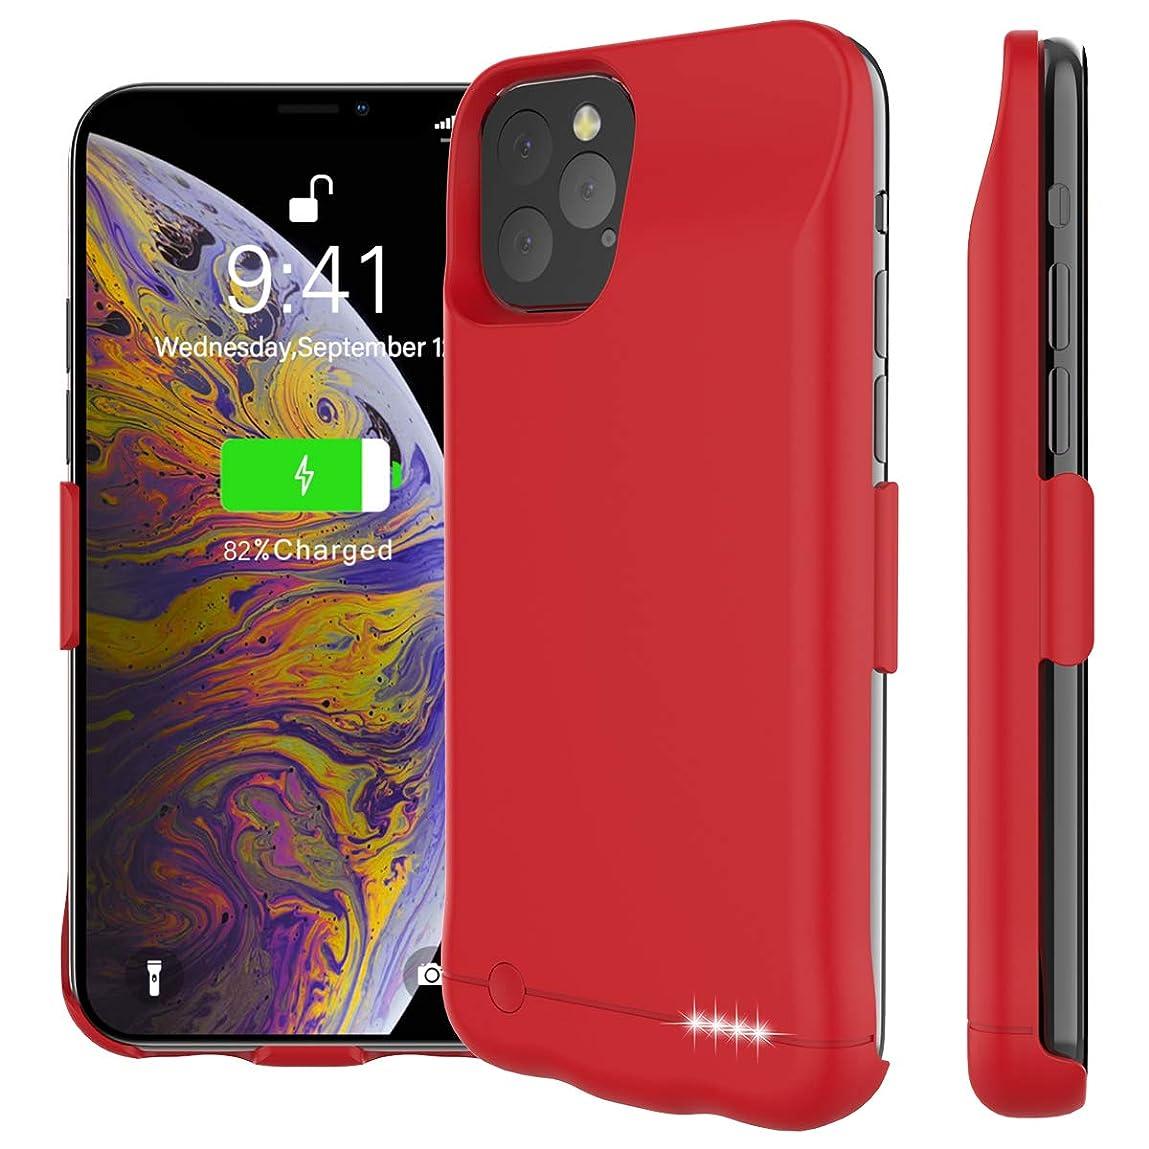 時間騙すメタルラインScheamバッテリー内蔵ケース大容量iPhone 11 Pro 5.8 Inch 5200mAh専用、 バッテリーケース 軽量 超薄 急速充電 超便利 耐衝撃 ケース型バッテリー 携帯充電器 モバイルバッテリー バッテリー容 量追加 (Red)